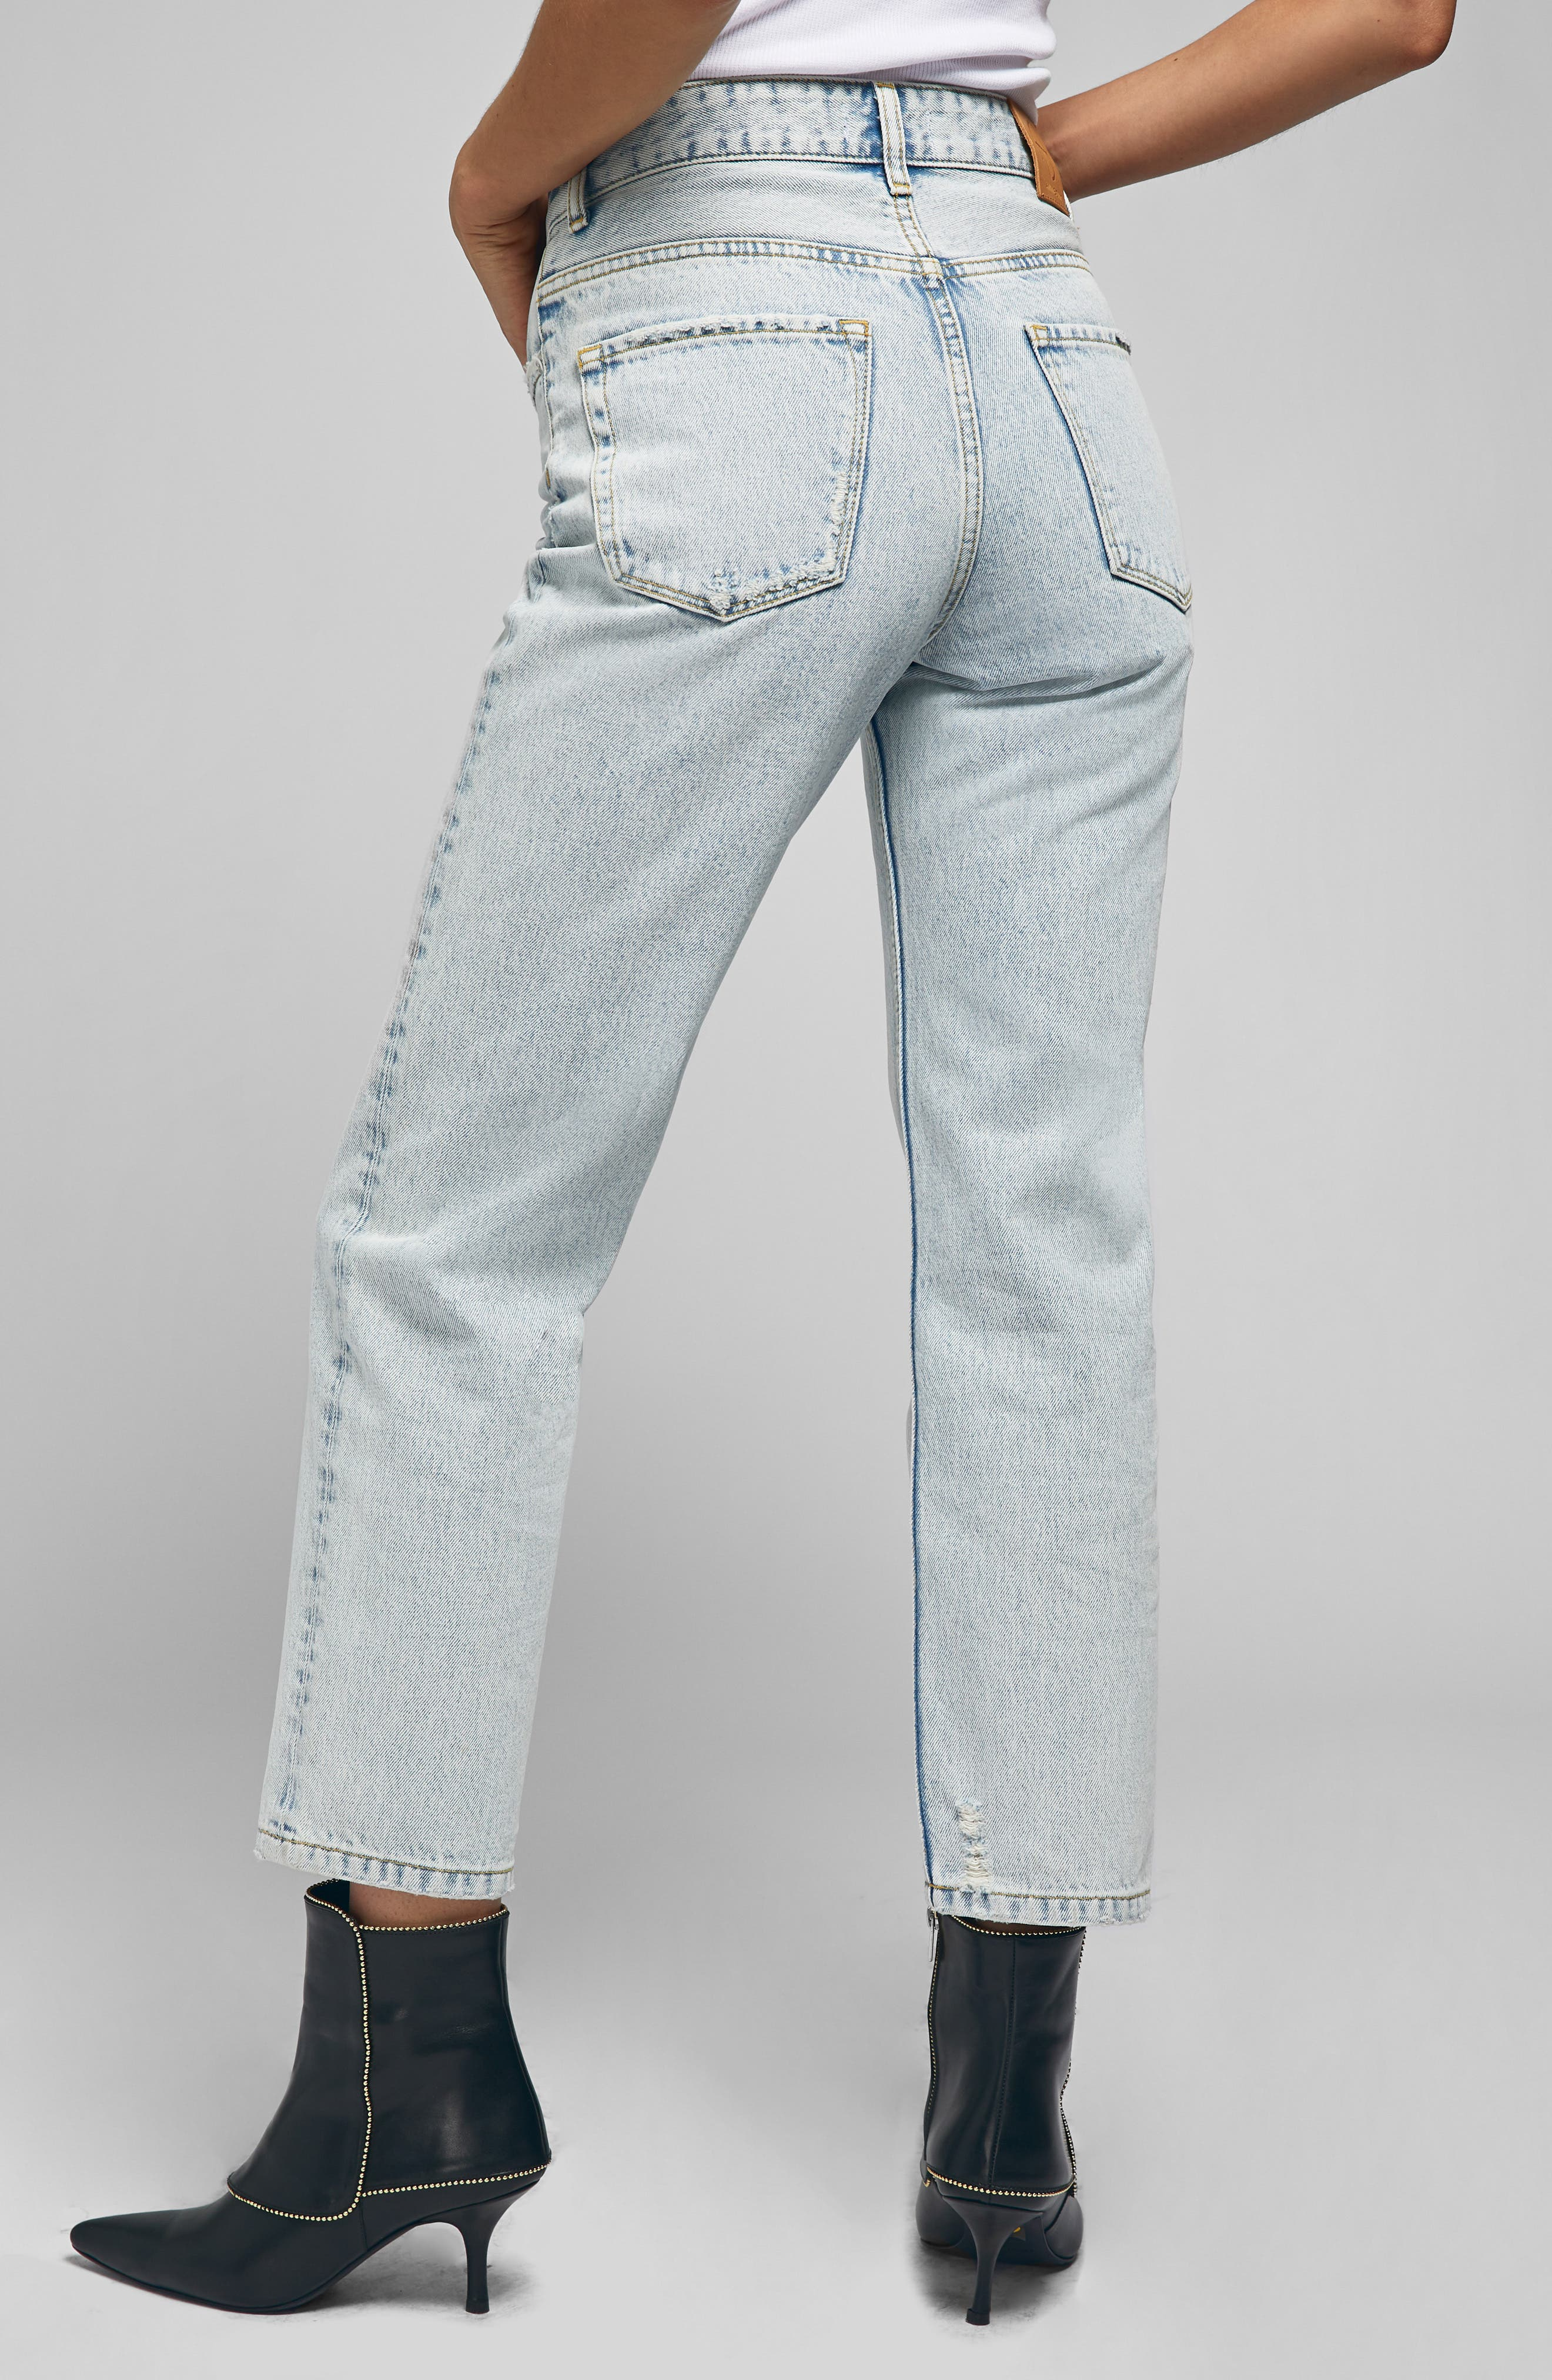 Etta Straight Leg Jeans,                             Alternate thumbnail 2, color,                             LIGHT BLUE